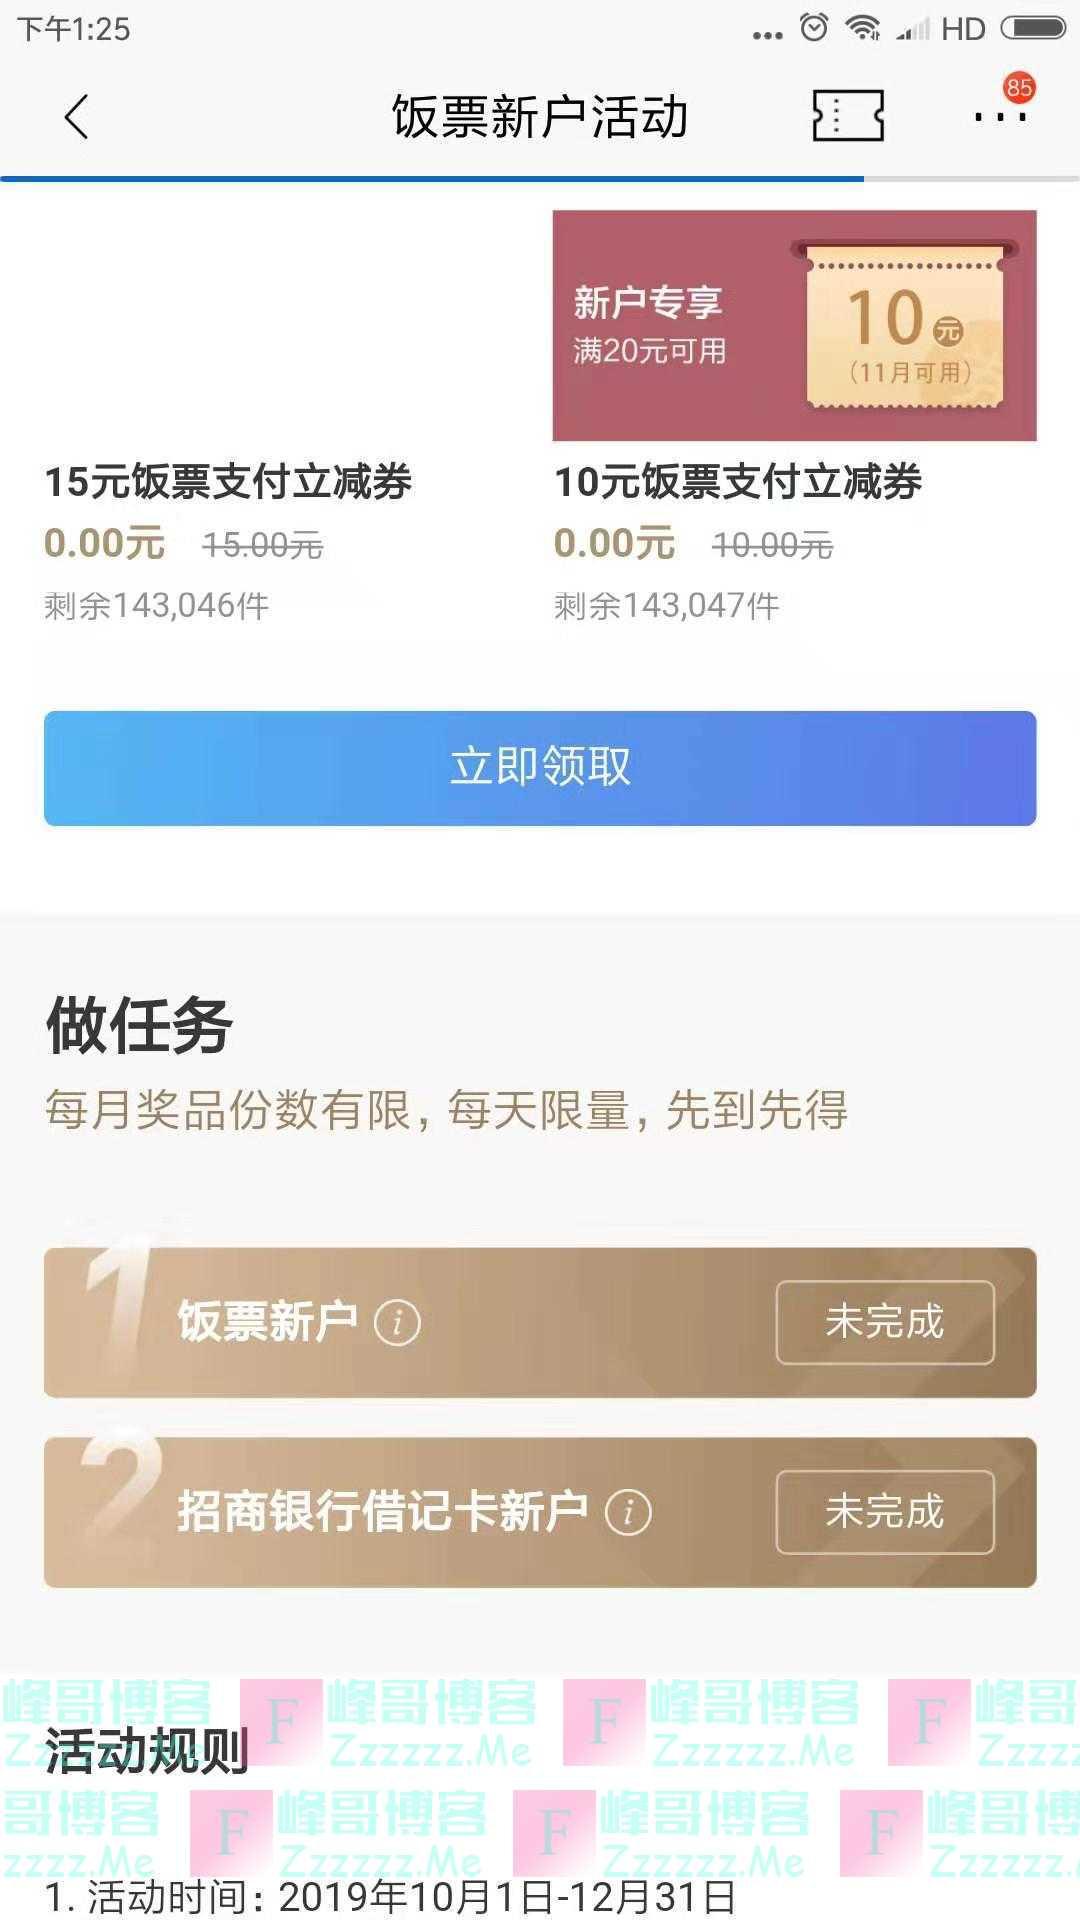 招行饭票新户福利(截止12月31日)